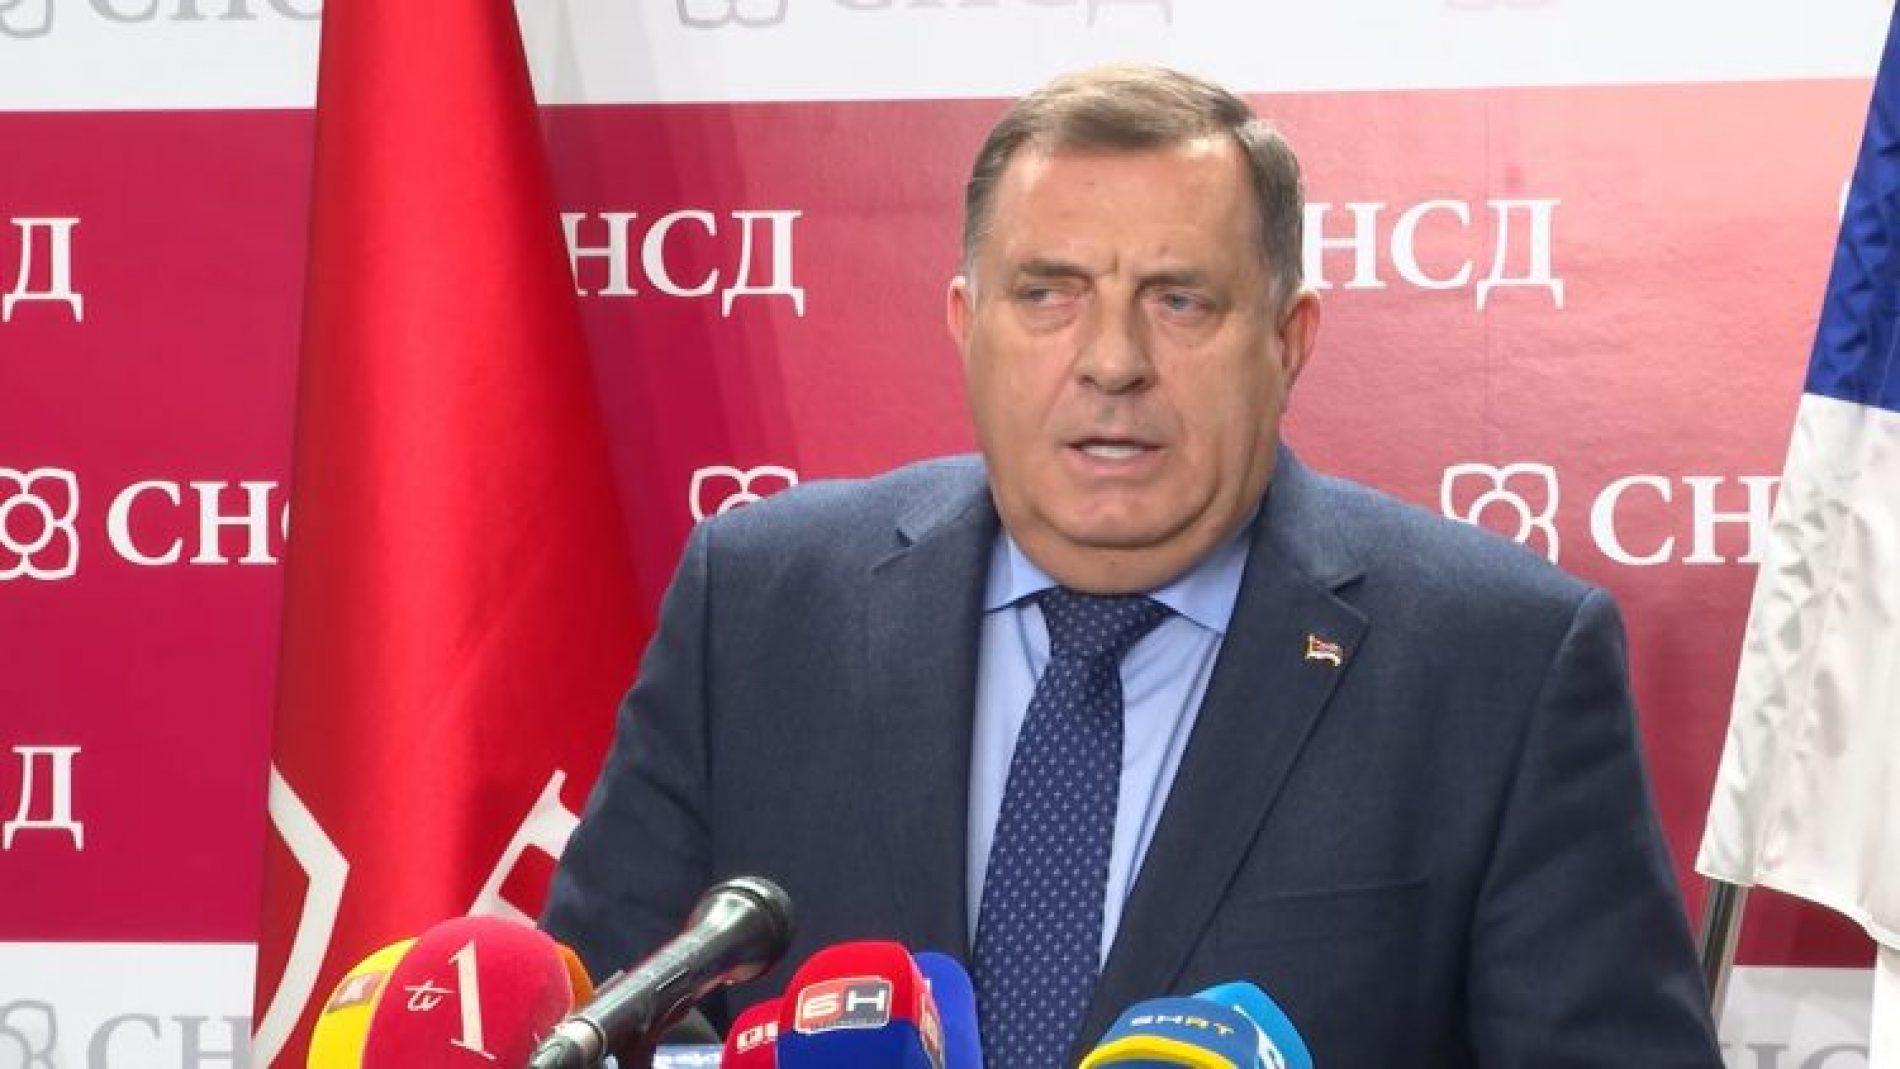 Opozicija u manjem entitetu: SNSD ne ruši BiH nego RS